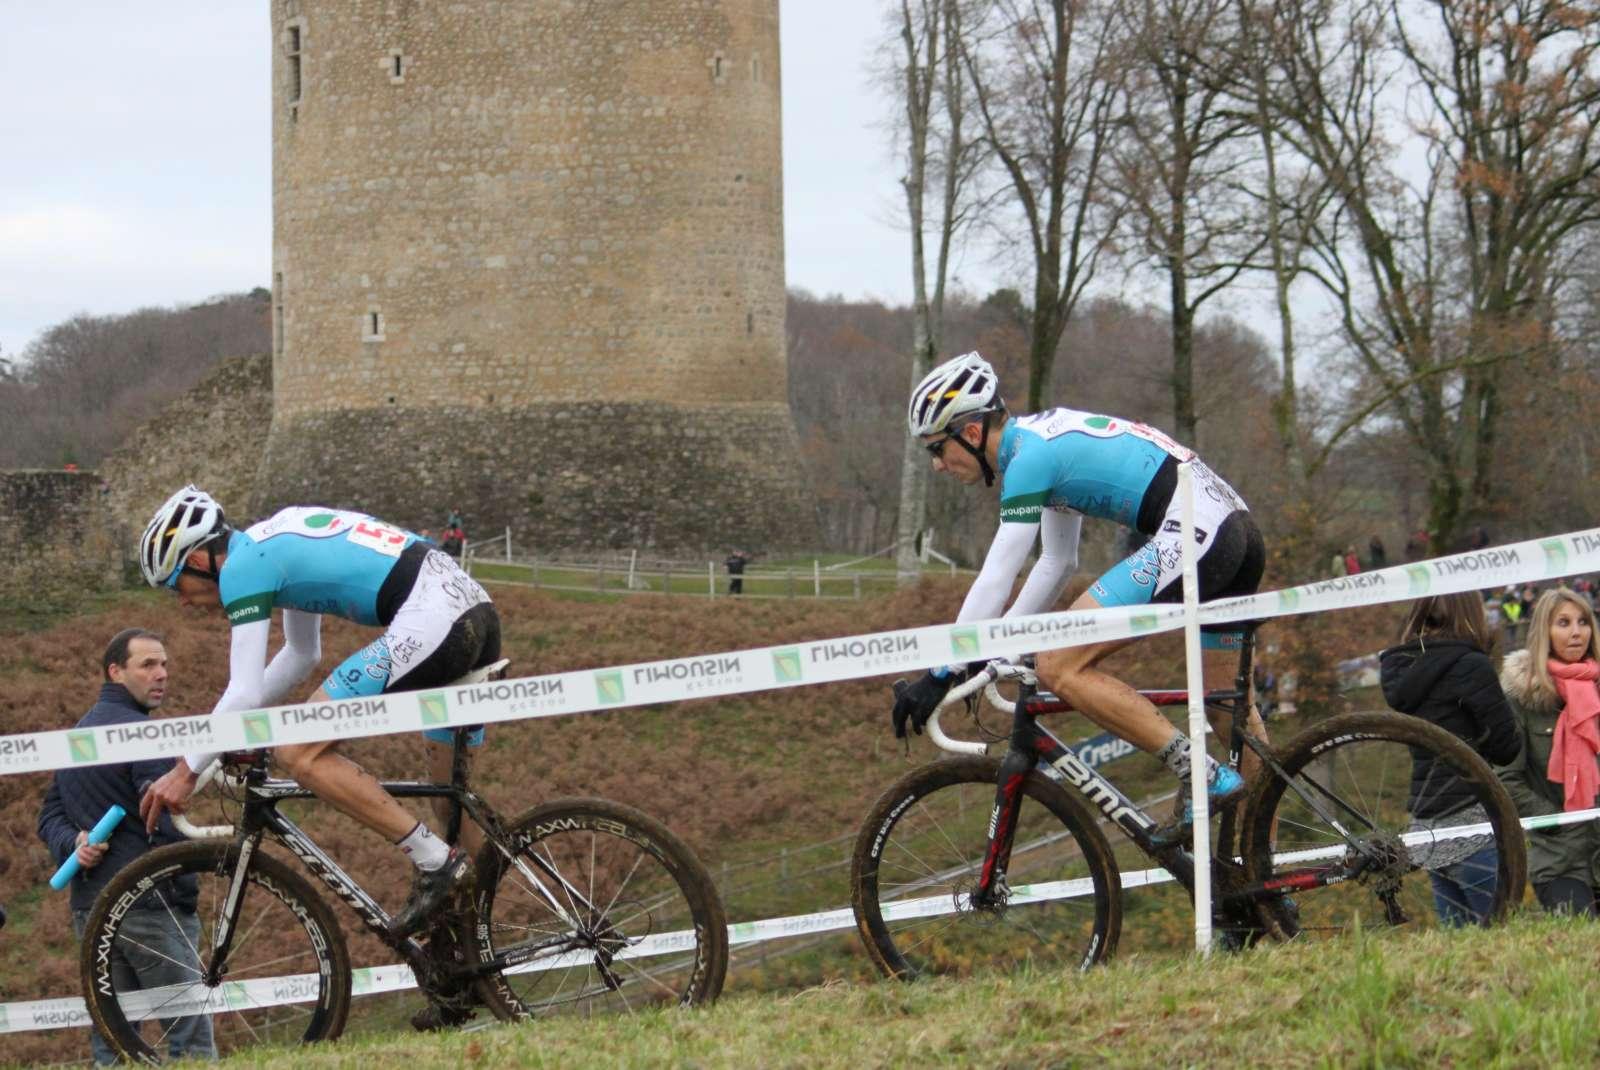 Cyclo Cross Calendrier.Comite Departemental Ffc De La Creuse Cyclo Cross Le